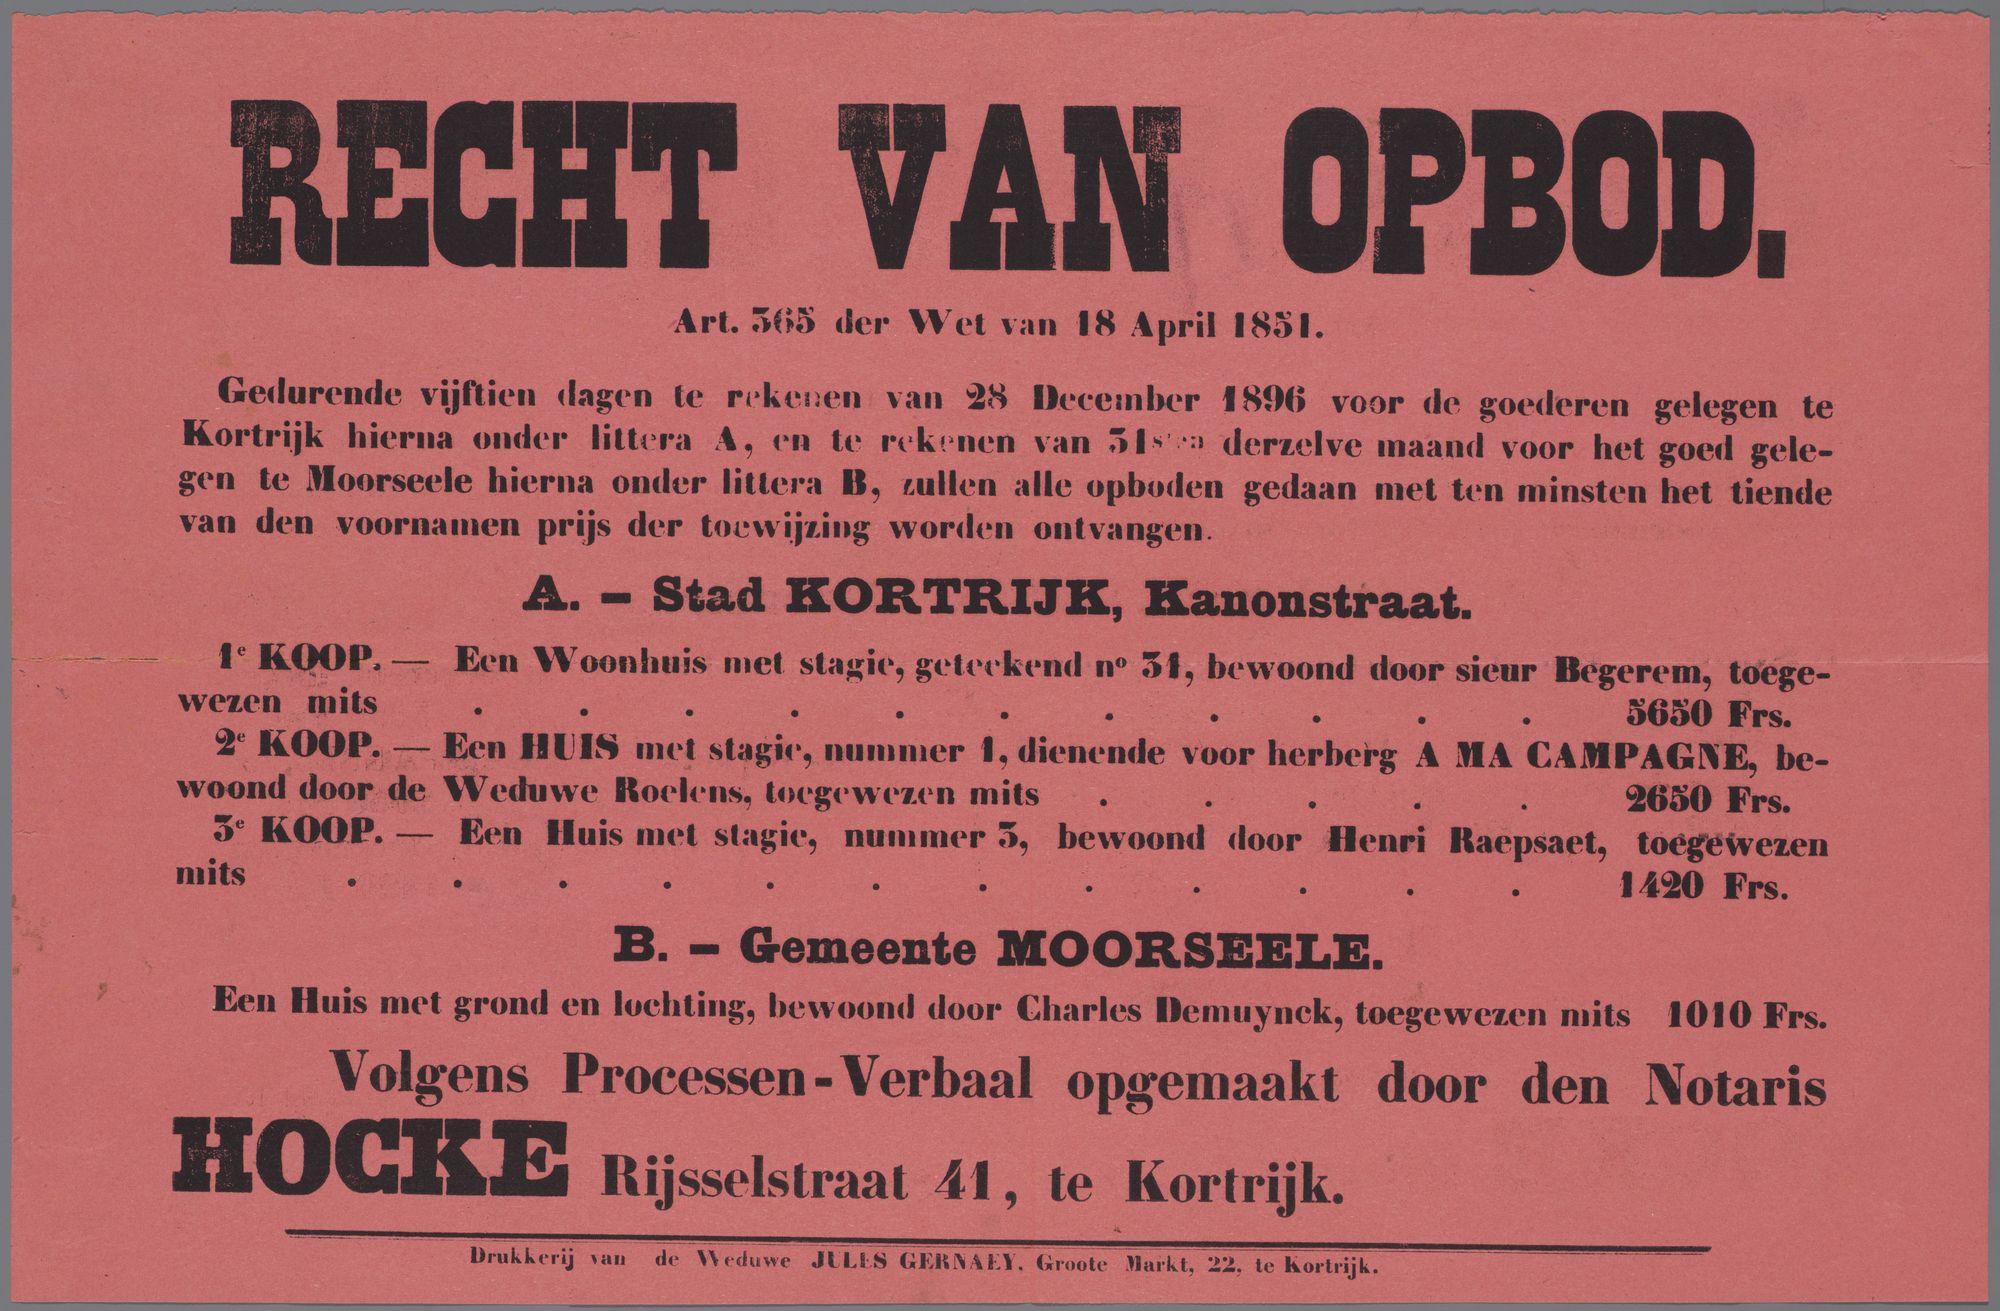 Verkoop van woonhuizen te Kortrijk en Moorsele 1896